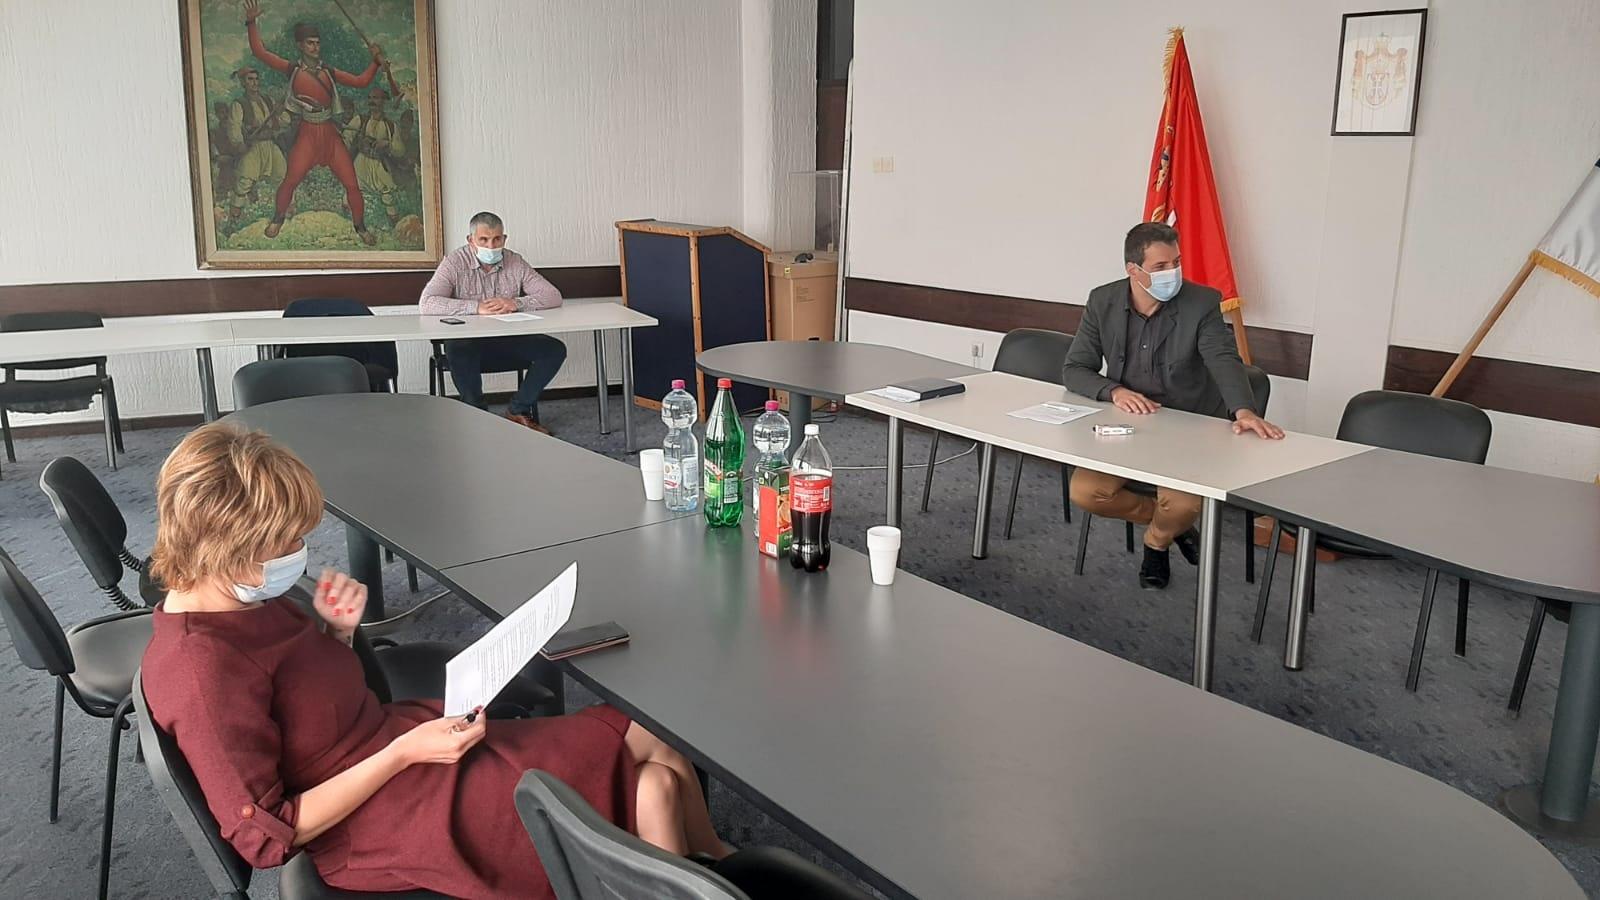 Одржан састанак шефова одборничких група и власти, да ли ће бити редовна или ванредна седница Скупштине?